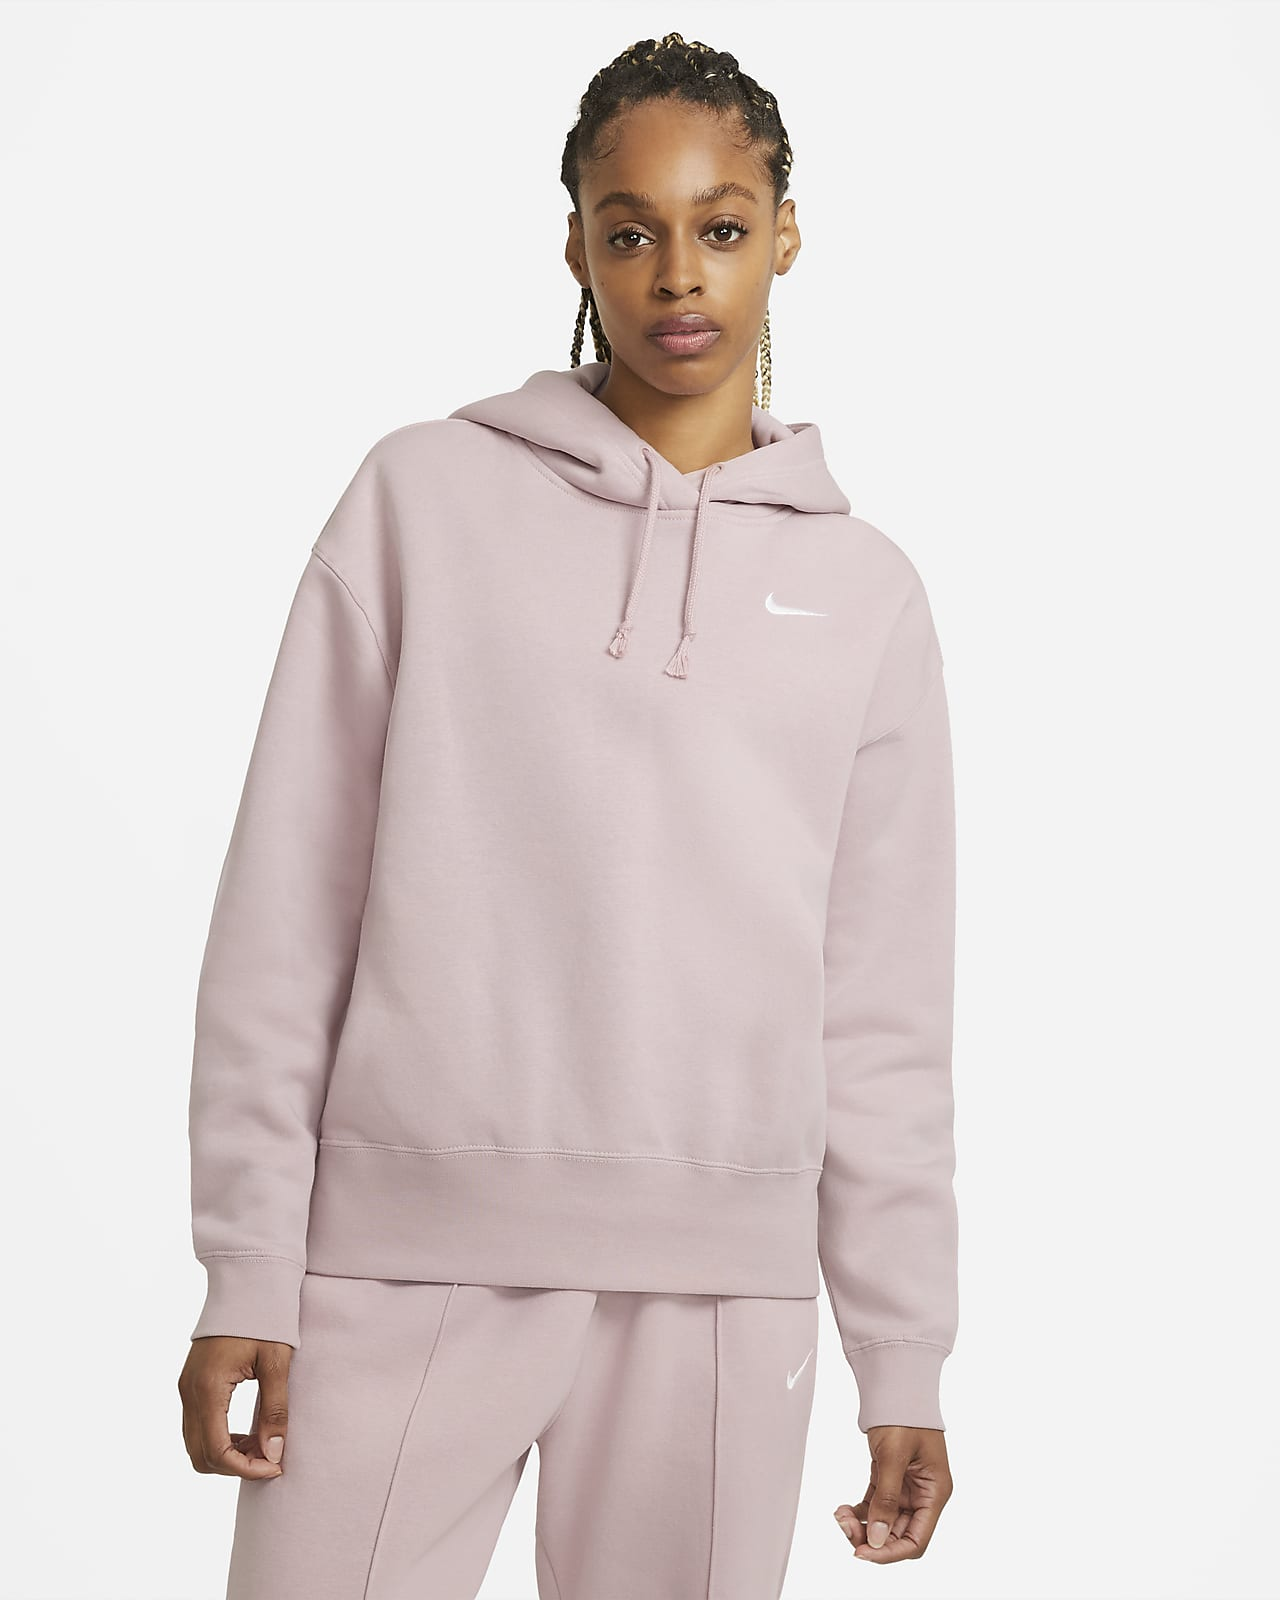 Dámská flísová mikina Nike Sportswear s kapucí